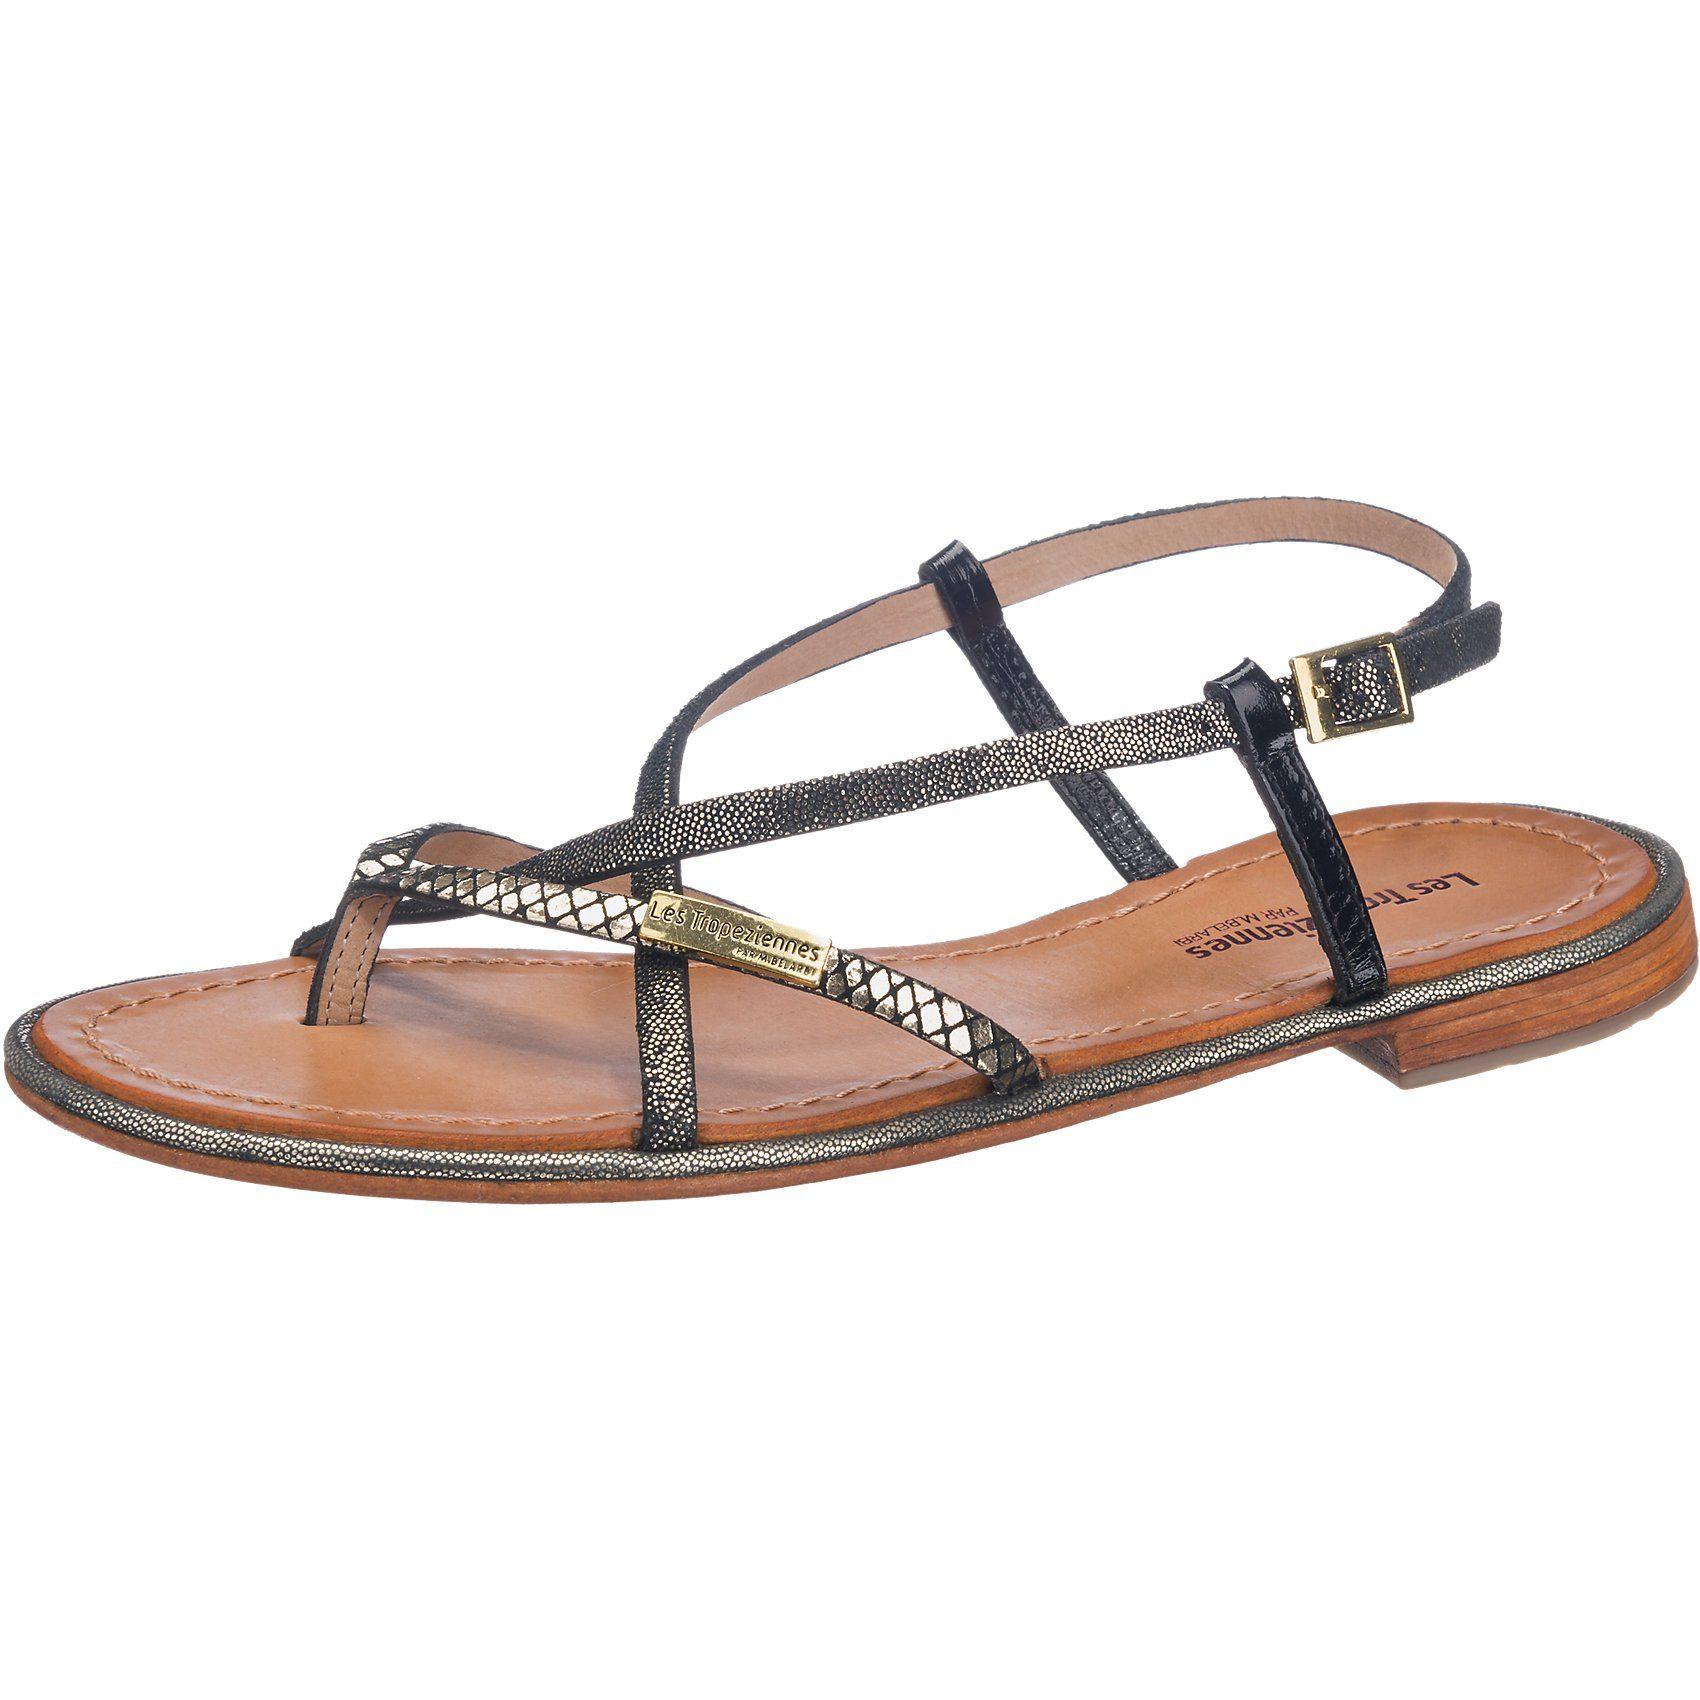 LES TROPEZIENNES Les Tropéziennes Monaco Sandaletten online kaufen  schwarz-kombi